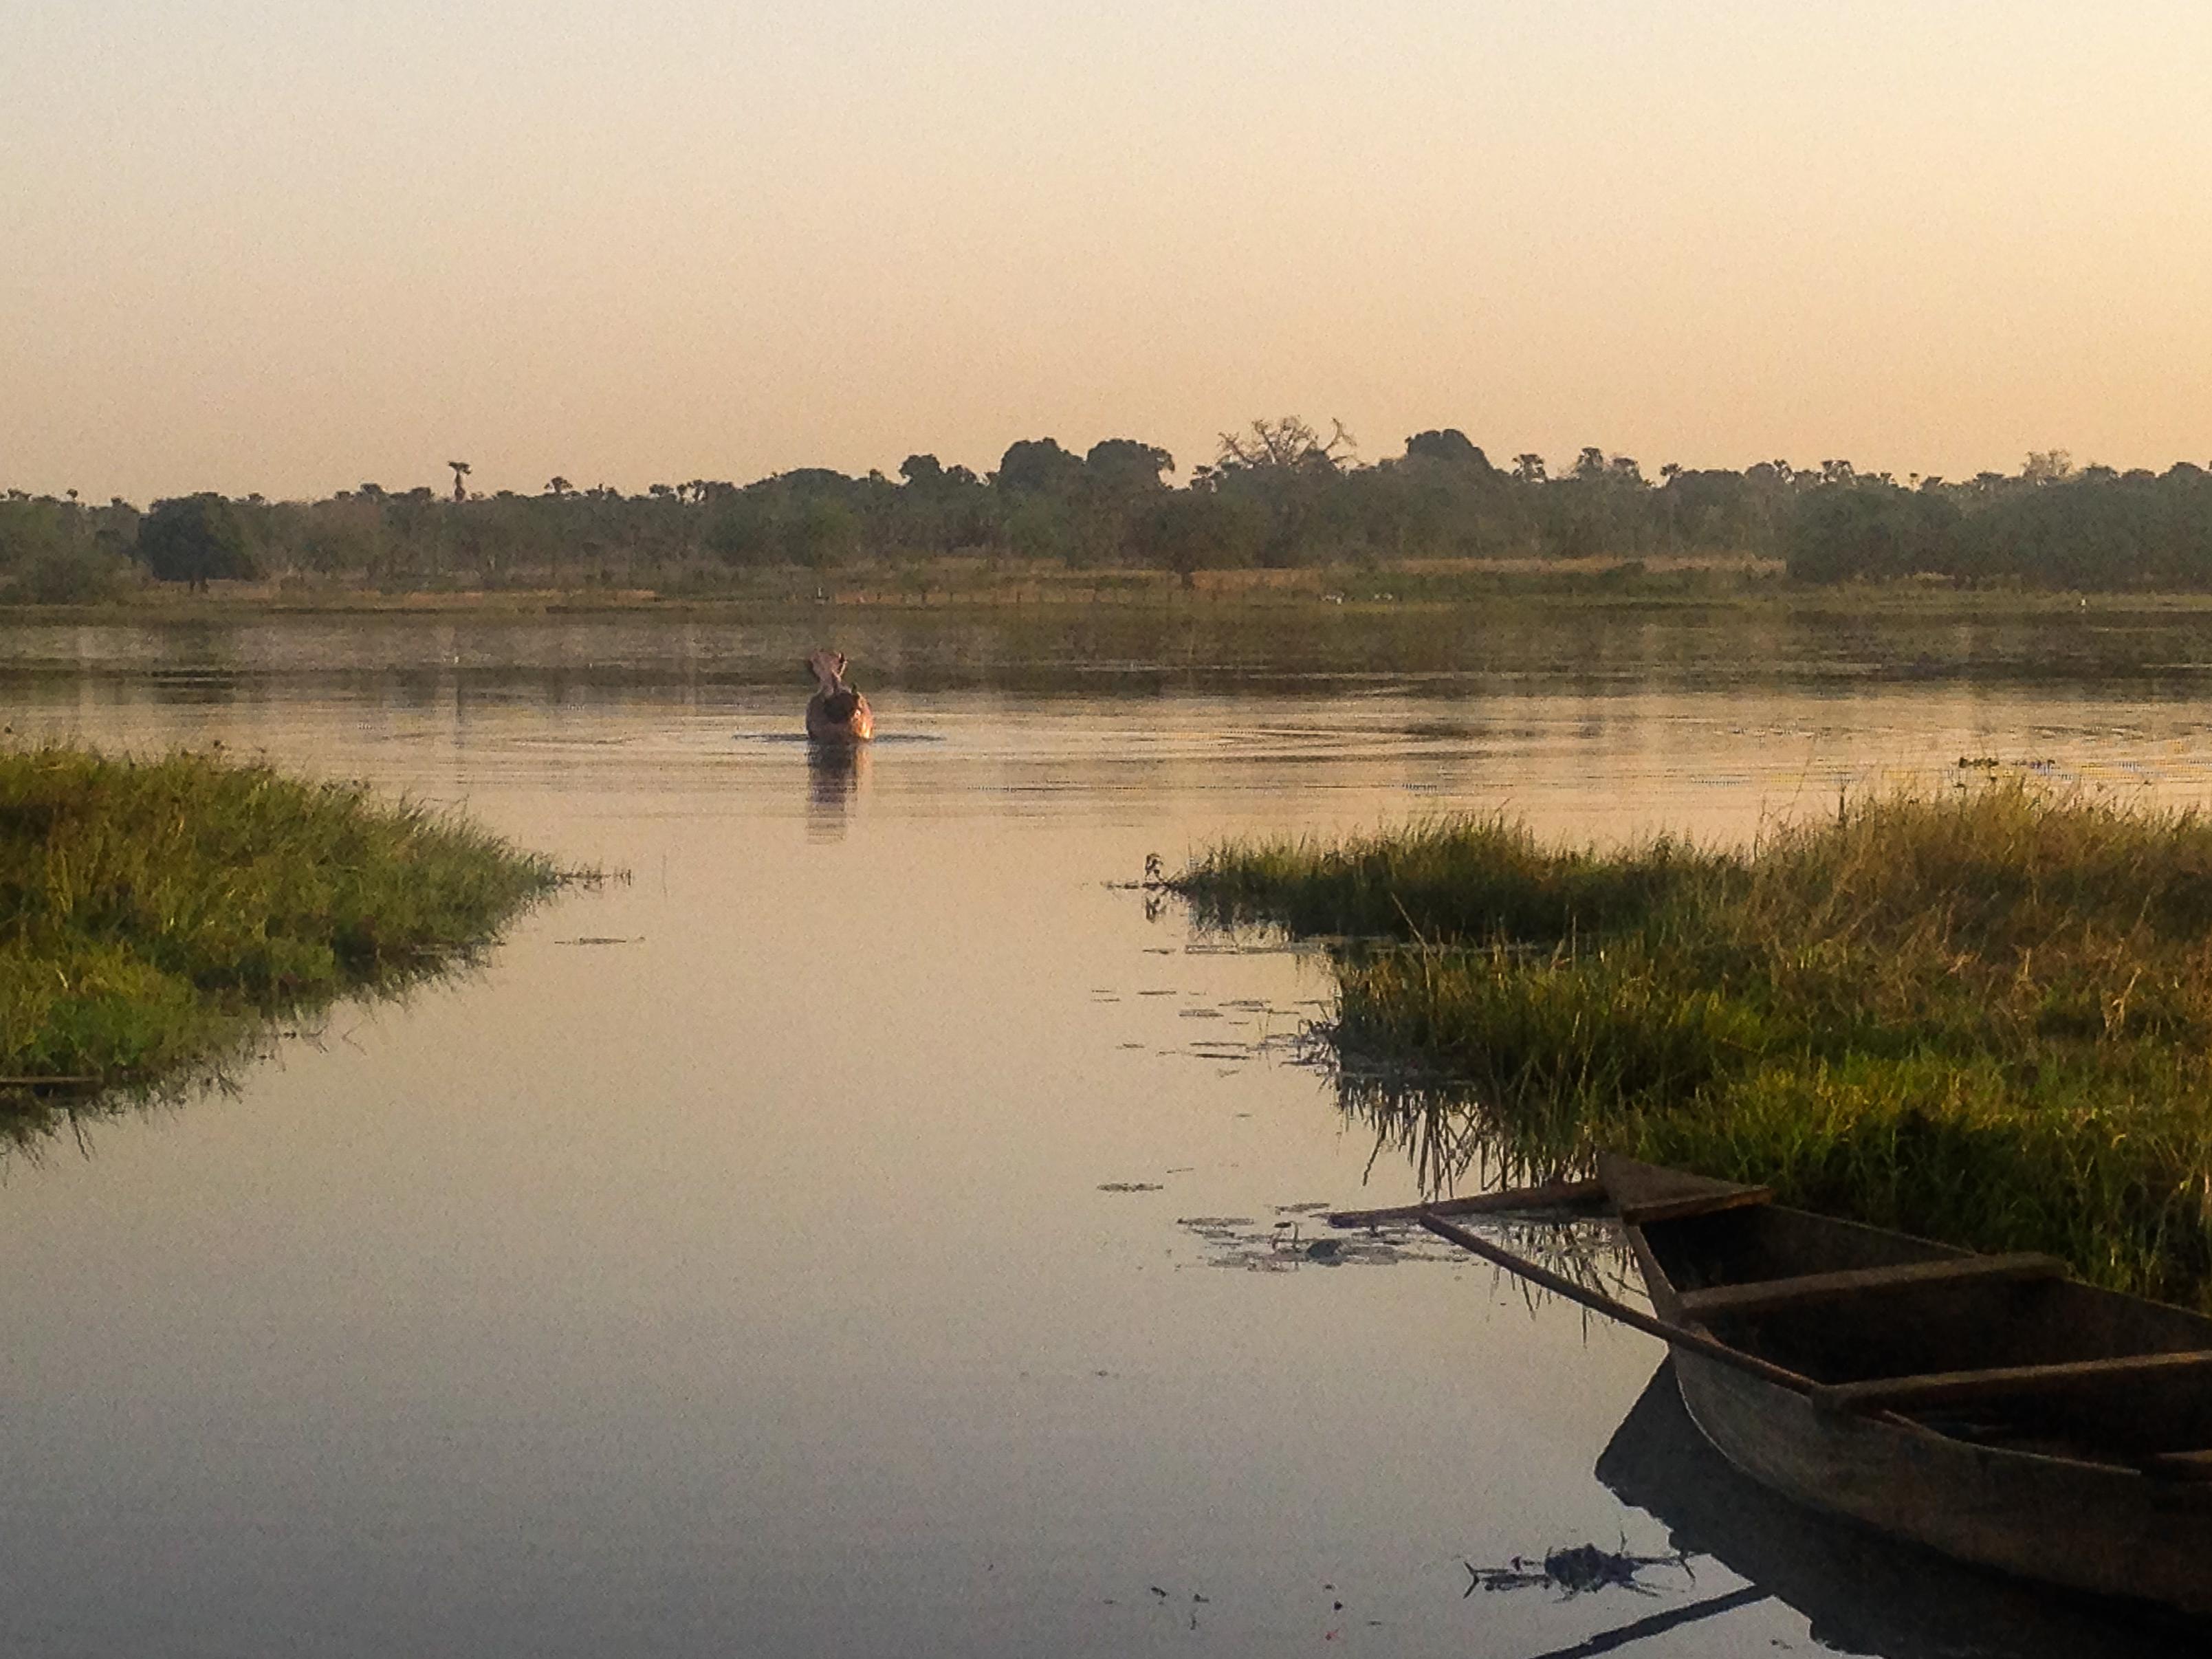 Hippopotame au lac de Tengrela, Burkina Faso.